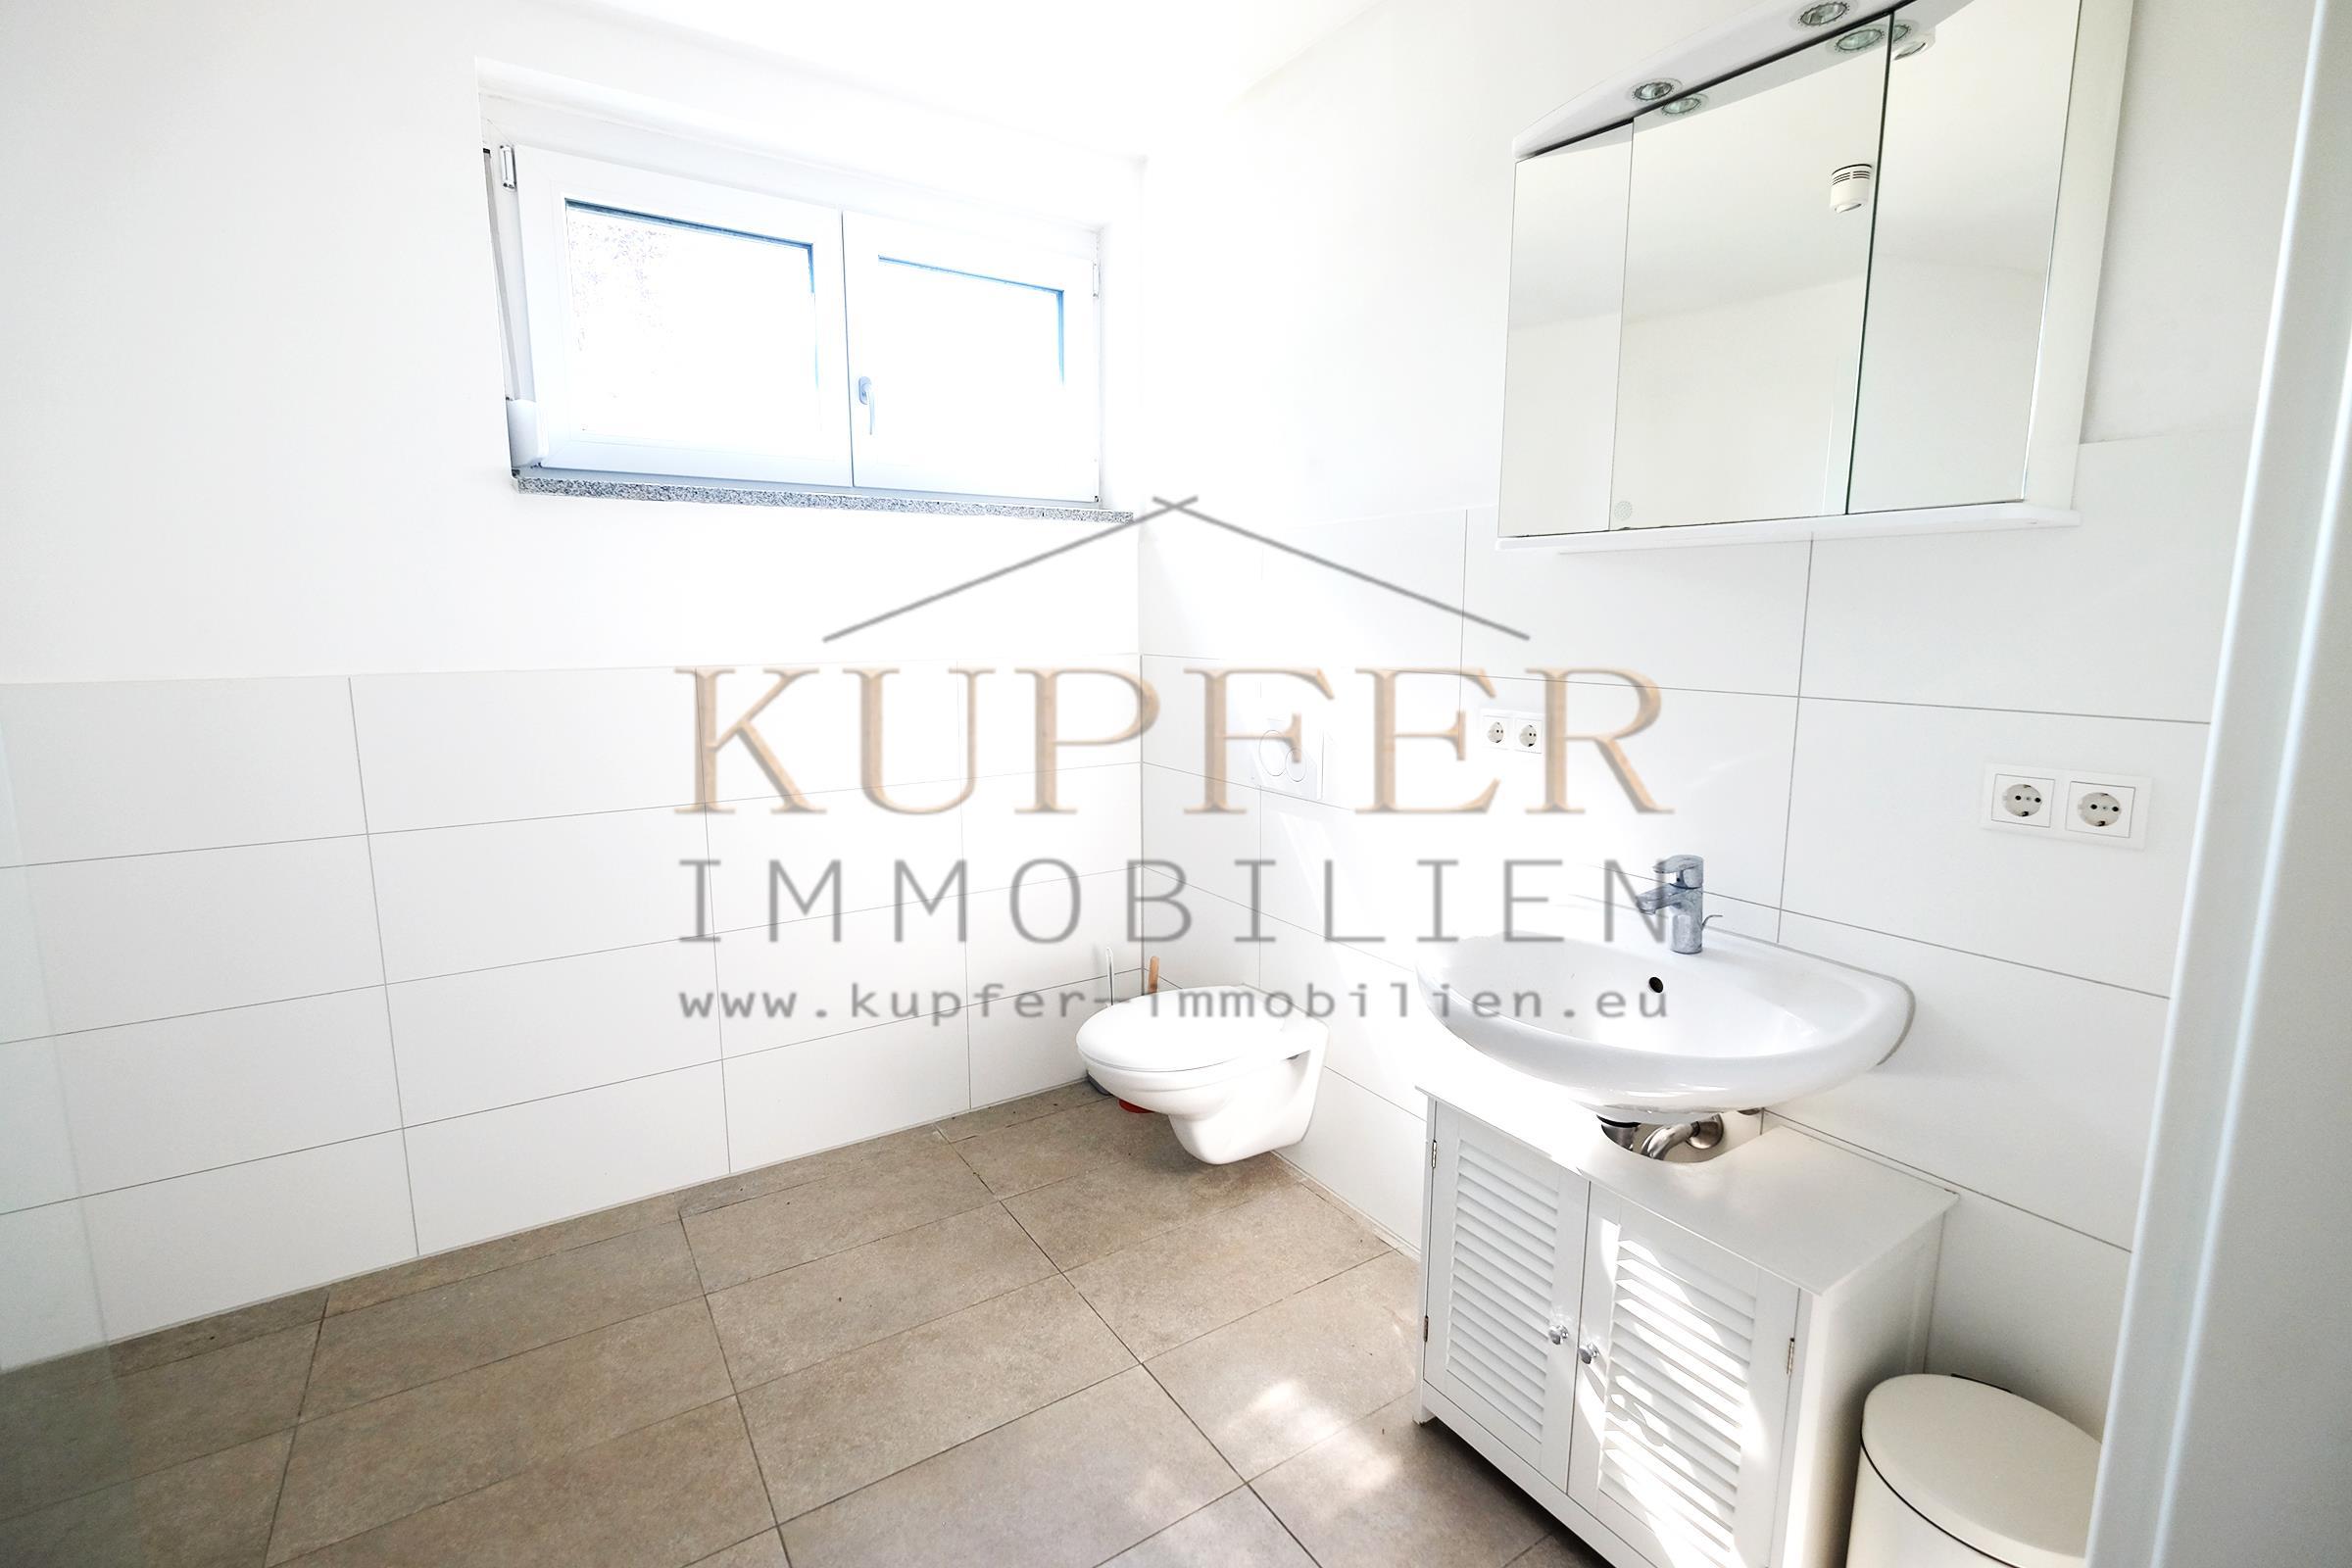 © 2019 KUPFER IMMOBILIEN